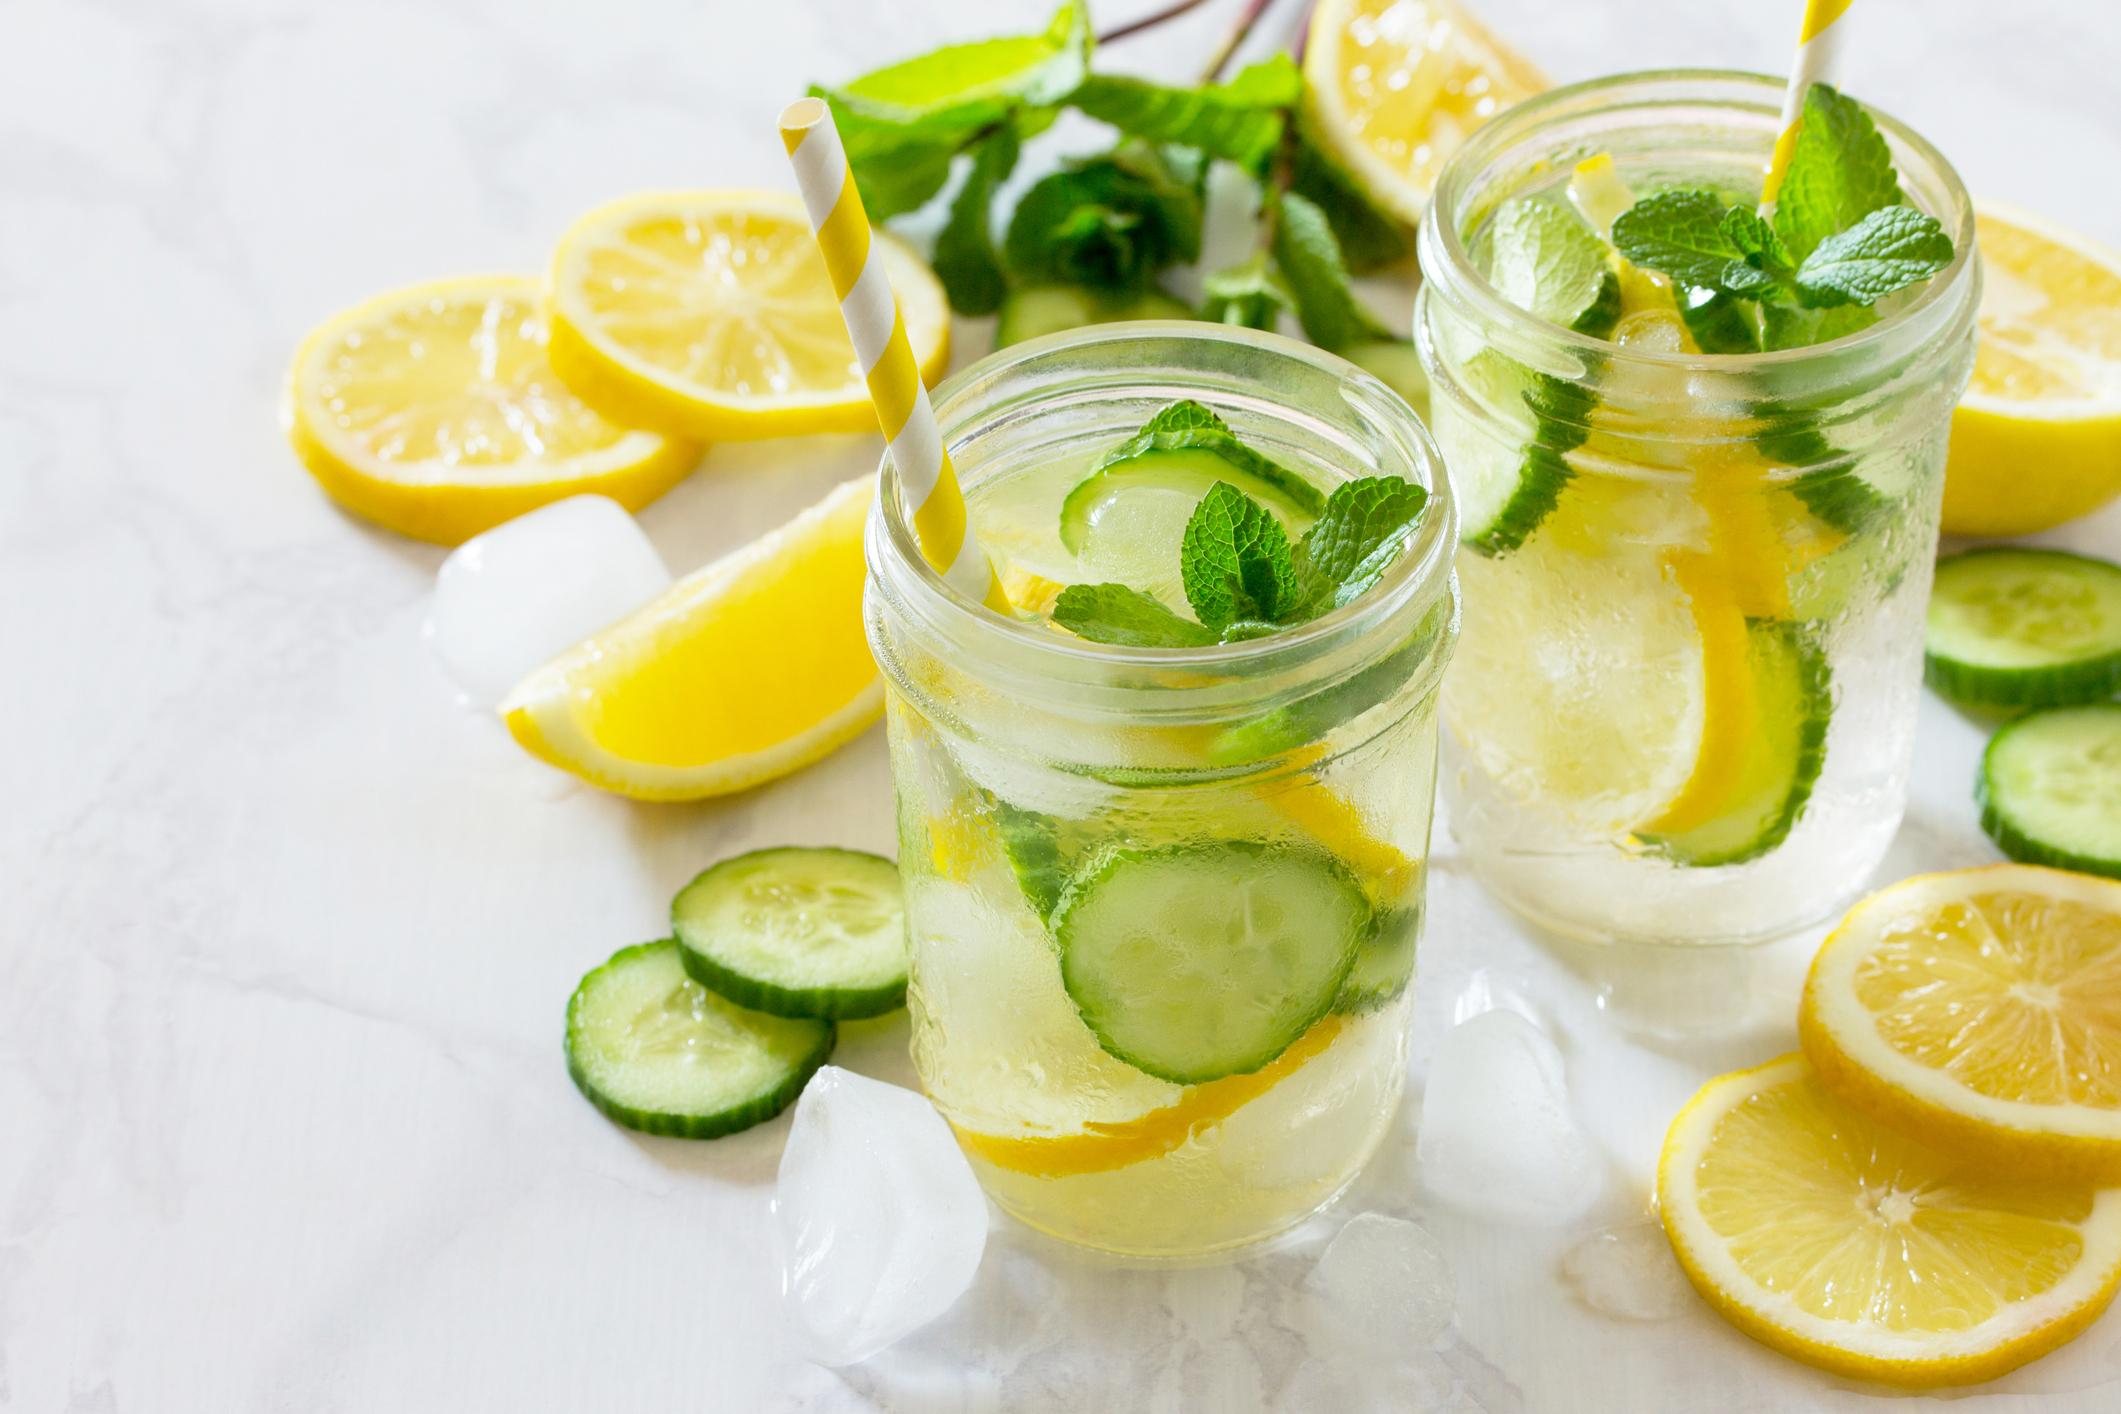 Que bebidas tomar para bajar de peso rapido